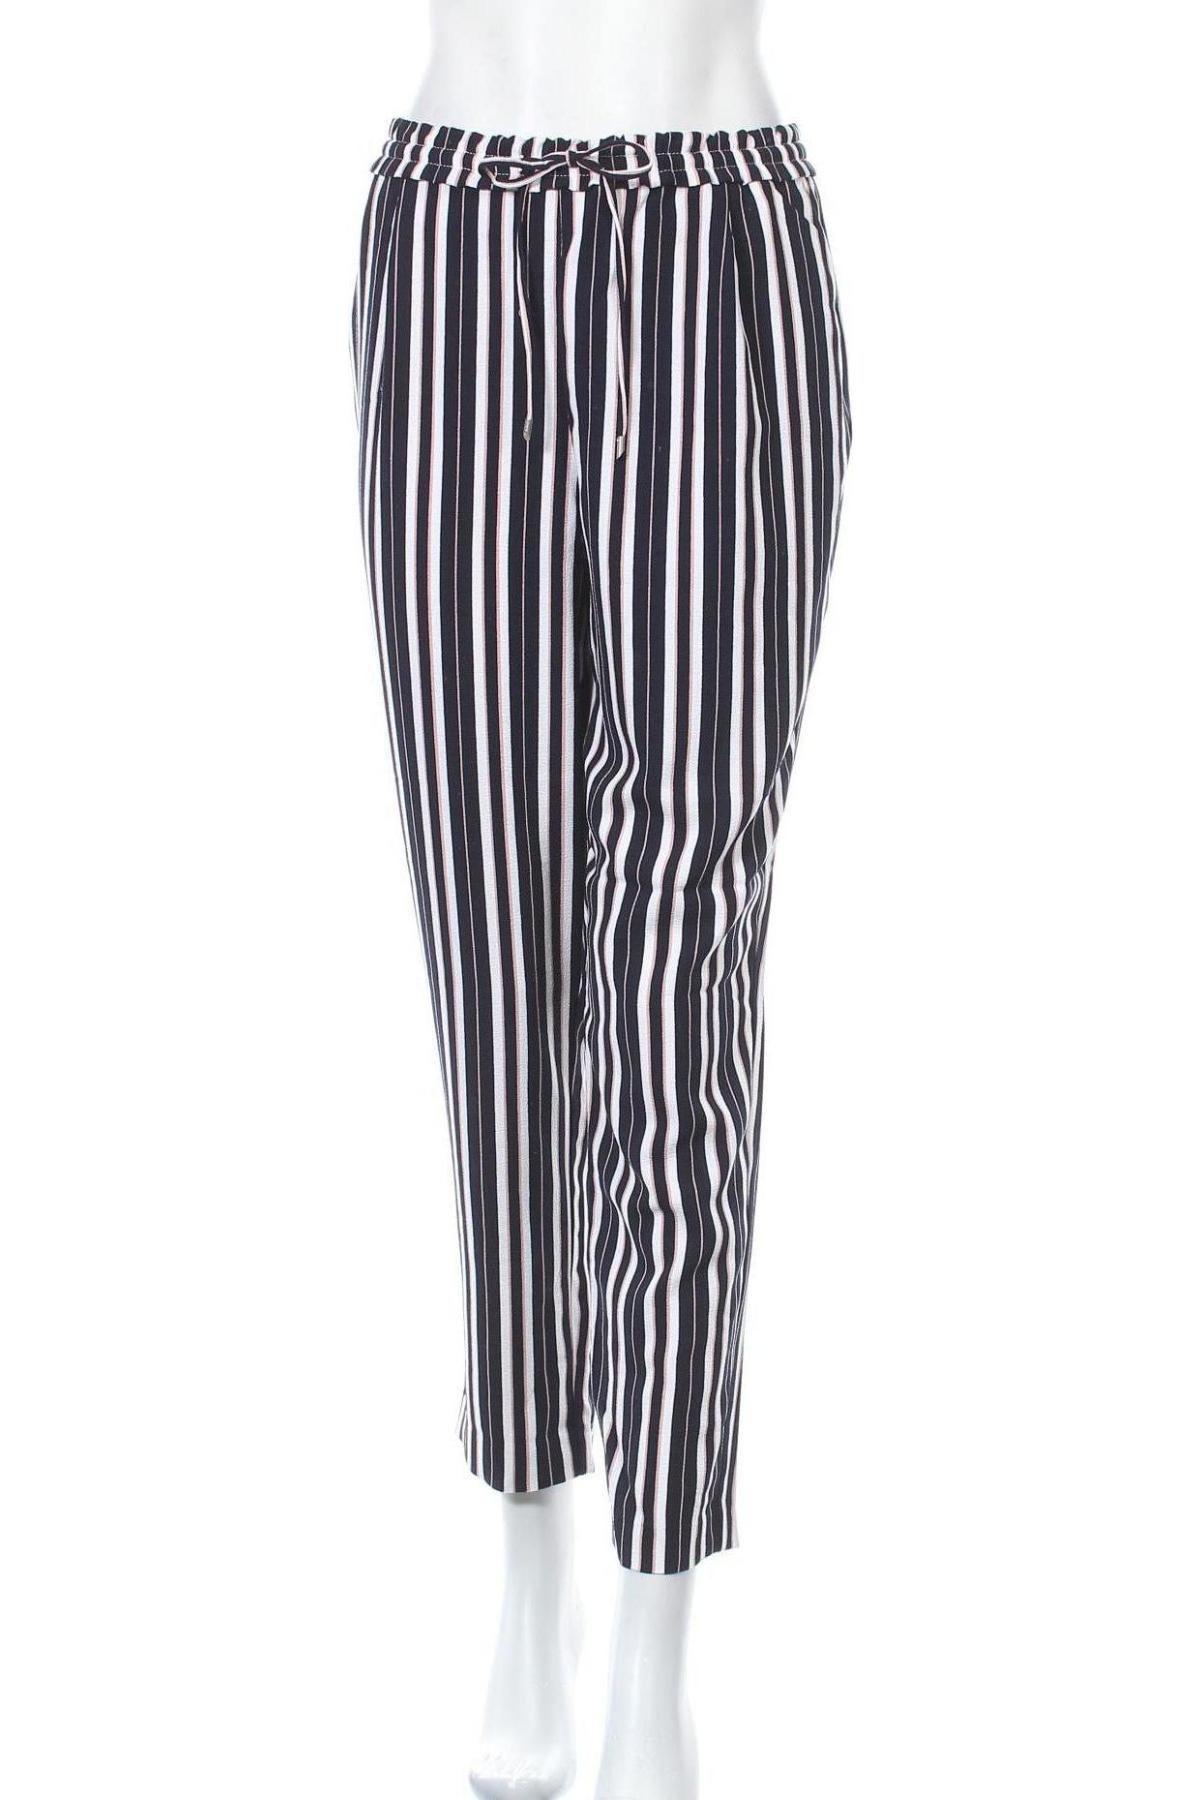 Дамски панталон ONLY, Размер M, Цвят Многоцветен, 97% полиестер, 3% еластан, Цена 8,43лв.